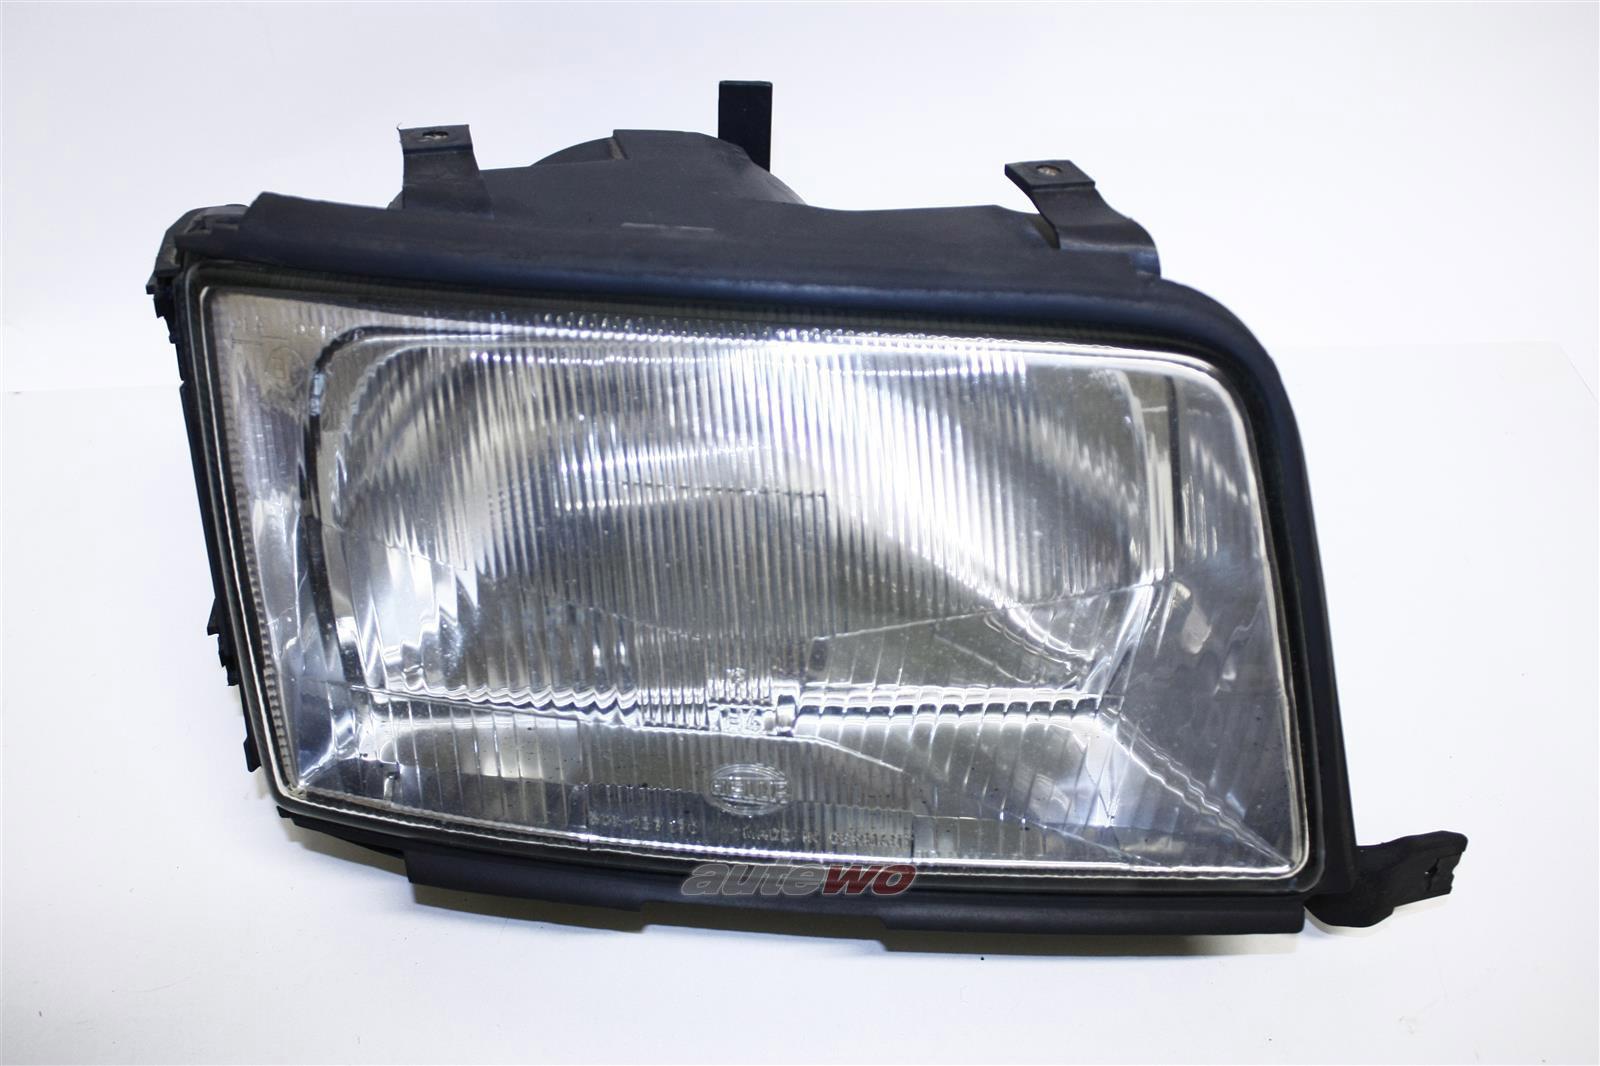 Audi 100 C4 Scheinwerfer original Hella ohne Nebelscheinwerfer Rechts 4A0941030